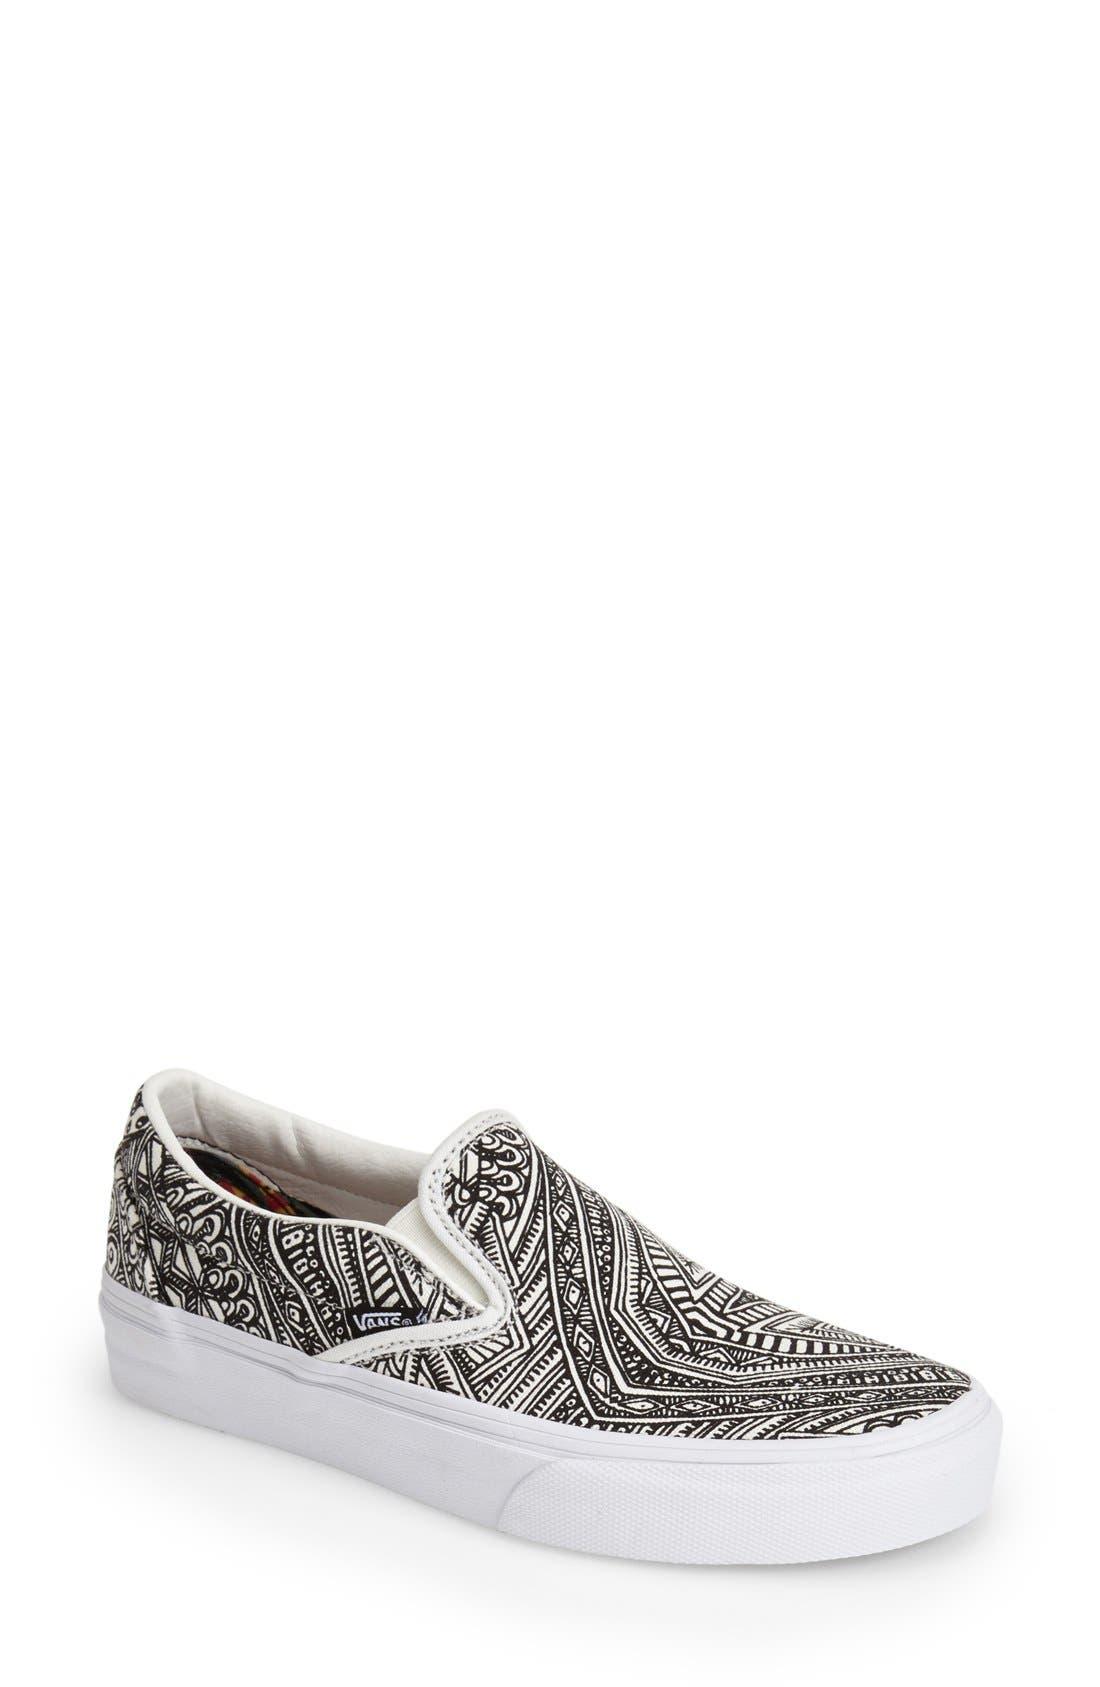 Alternate Image 1 Selected - Vans 'Classic - Zio Ziegler' Slip-On Sneaker (Women)